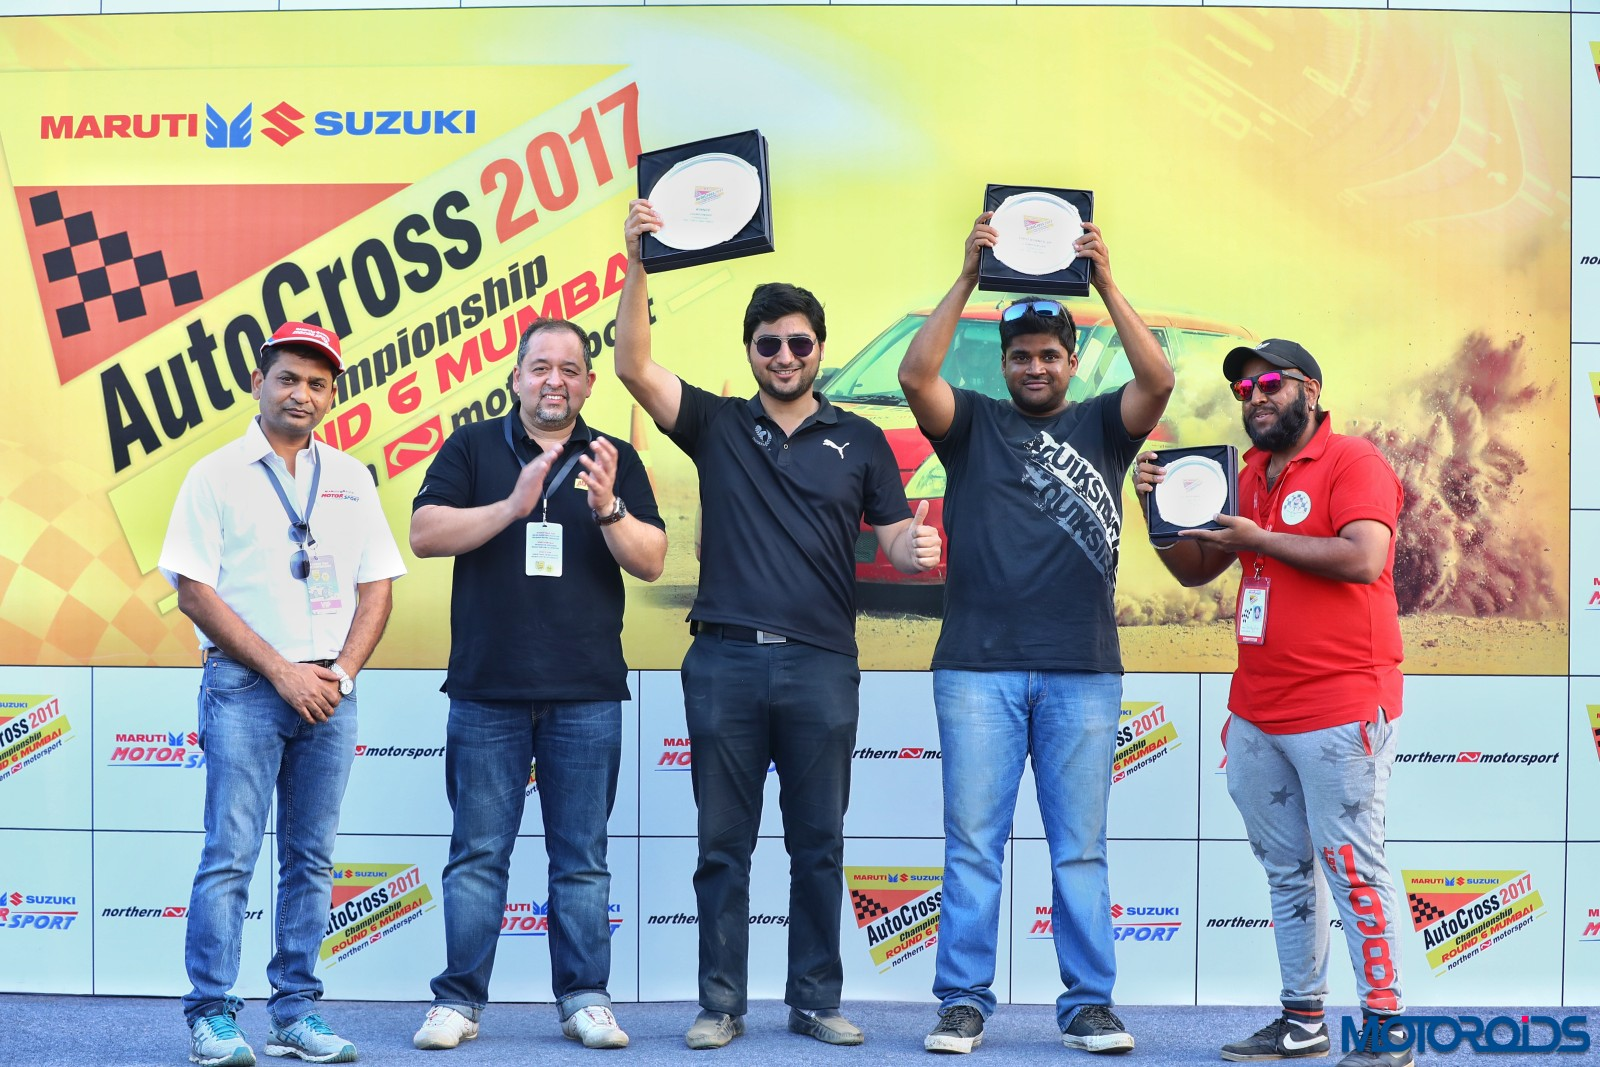 Maruti-Suzuki-Autocross-Mumbai-Edition-2